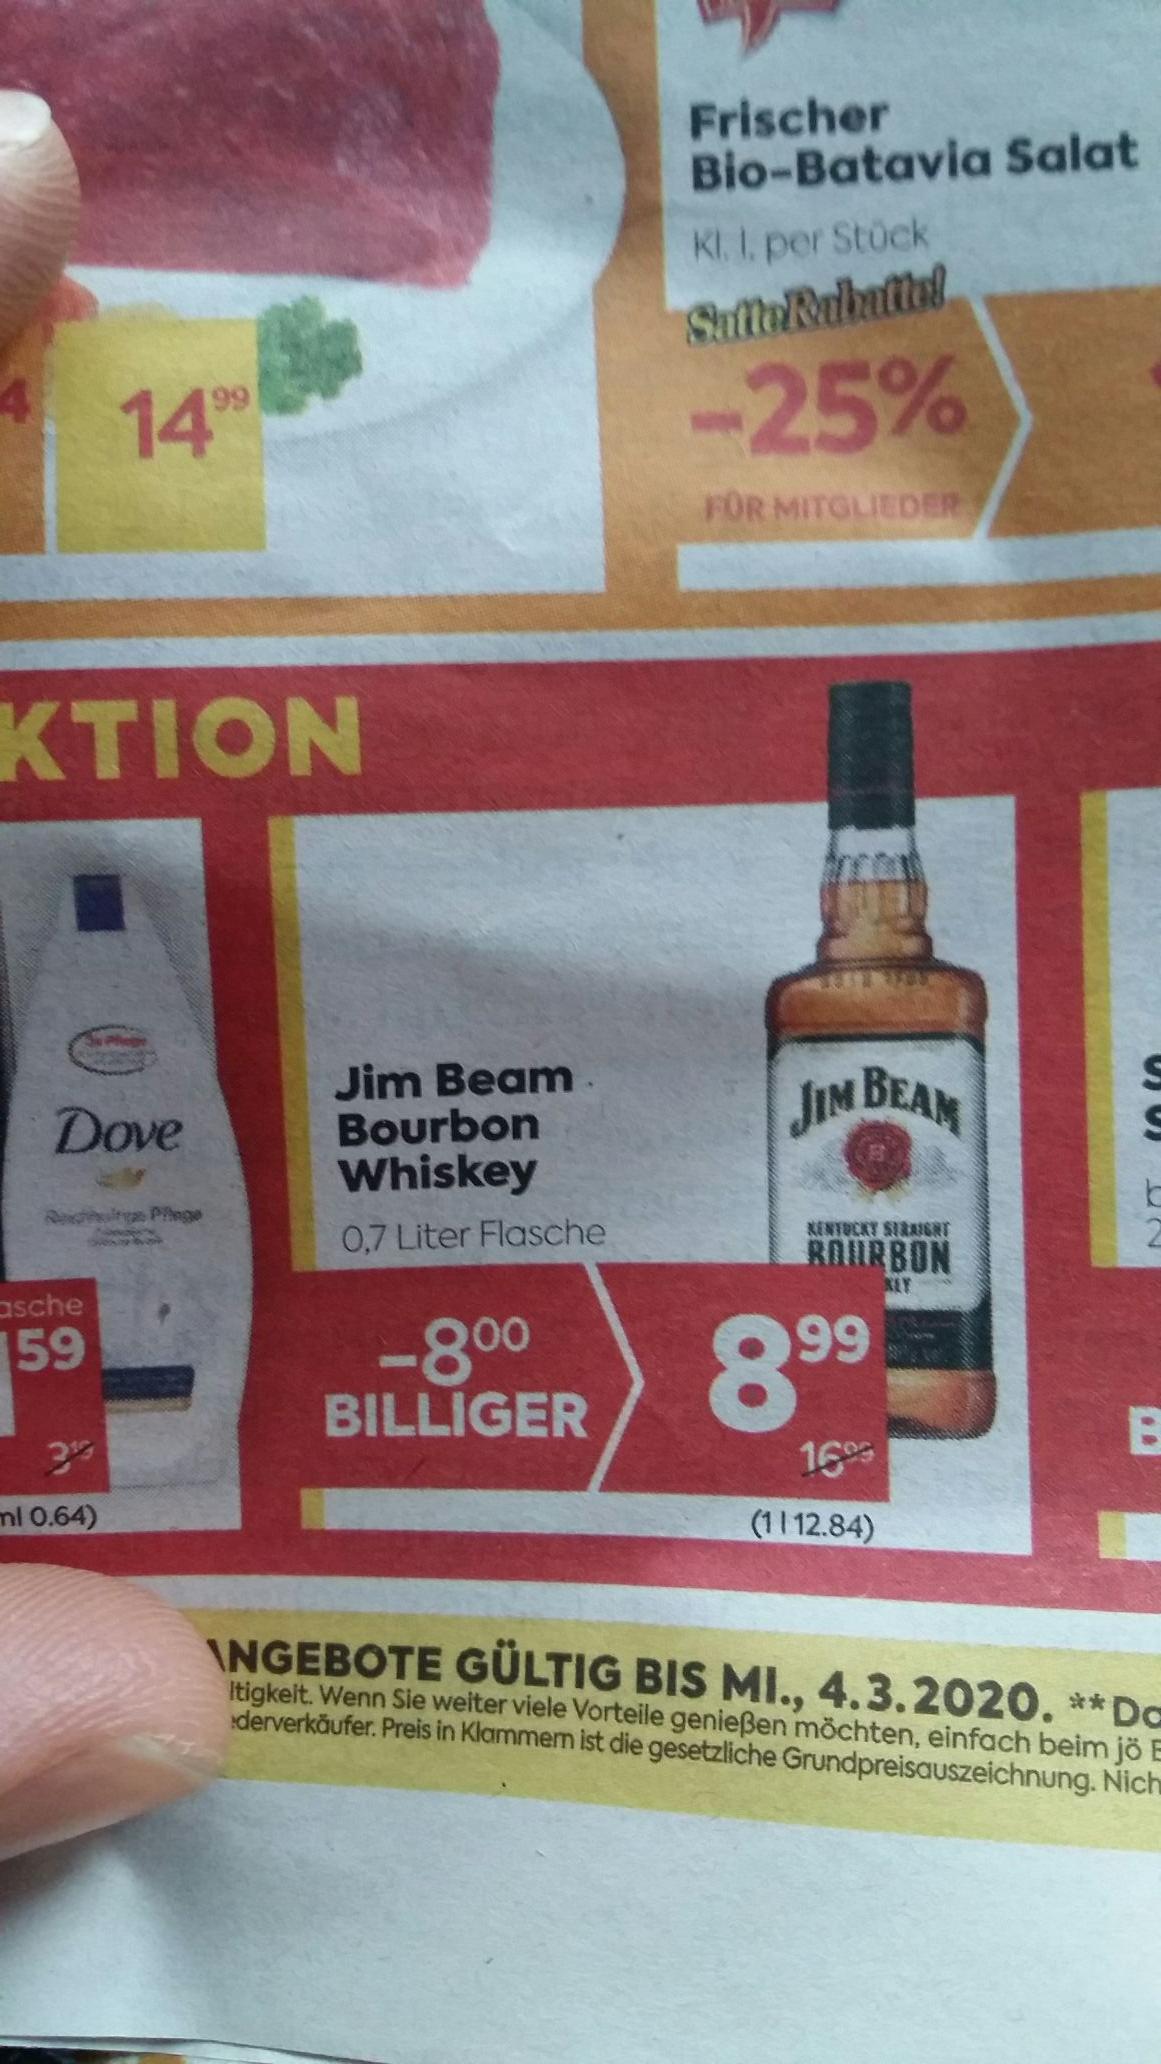 BILLA JIM BEAM BOURBON Whiskey 0,7 L Zuschlagen ;-)